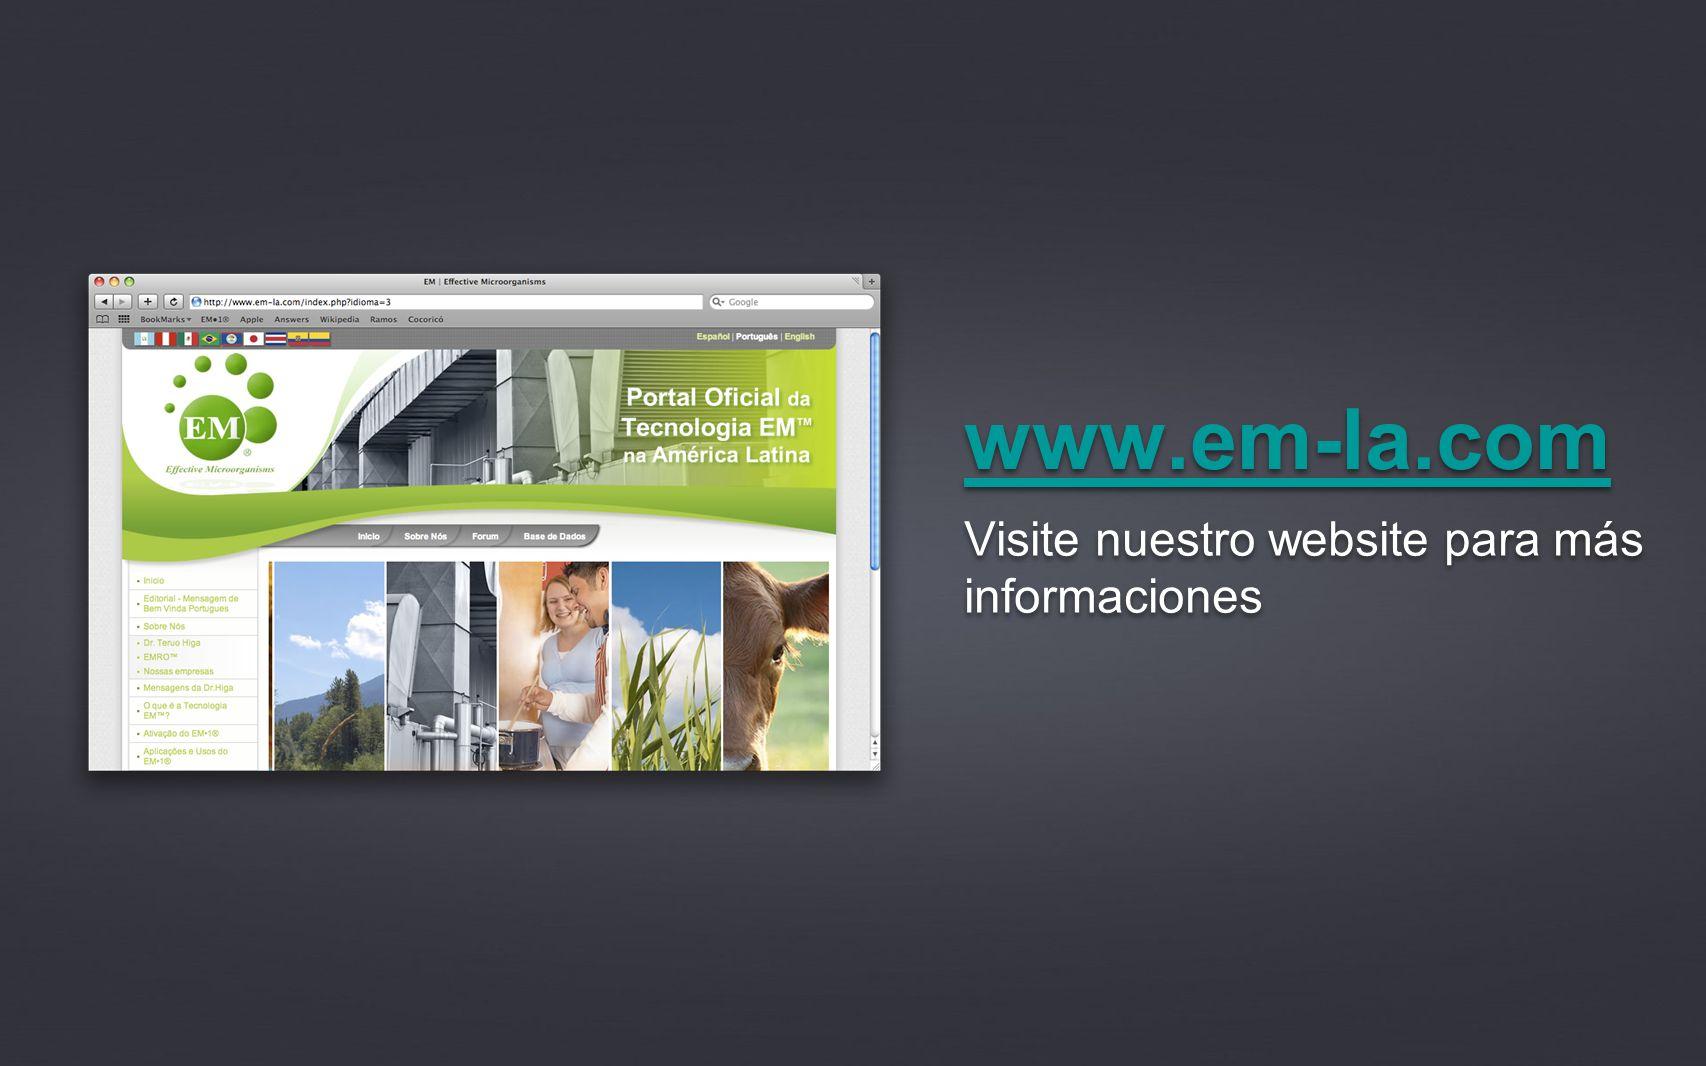 Visite nuestro website para más informaciones